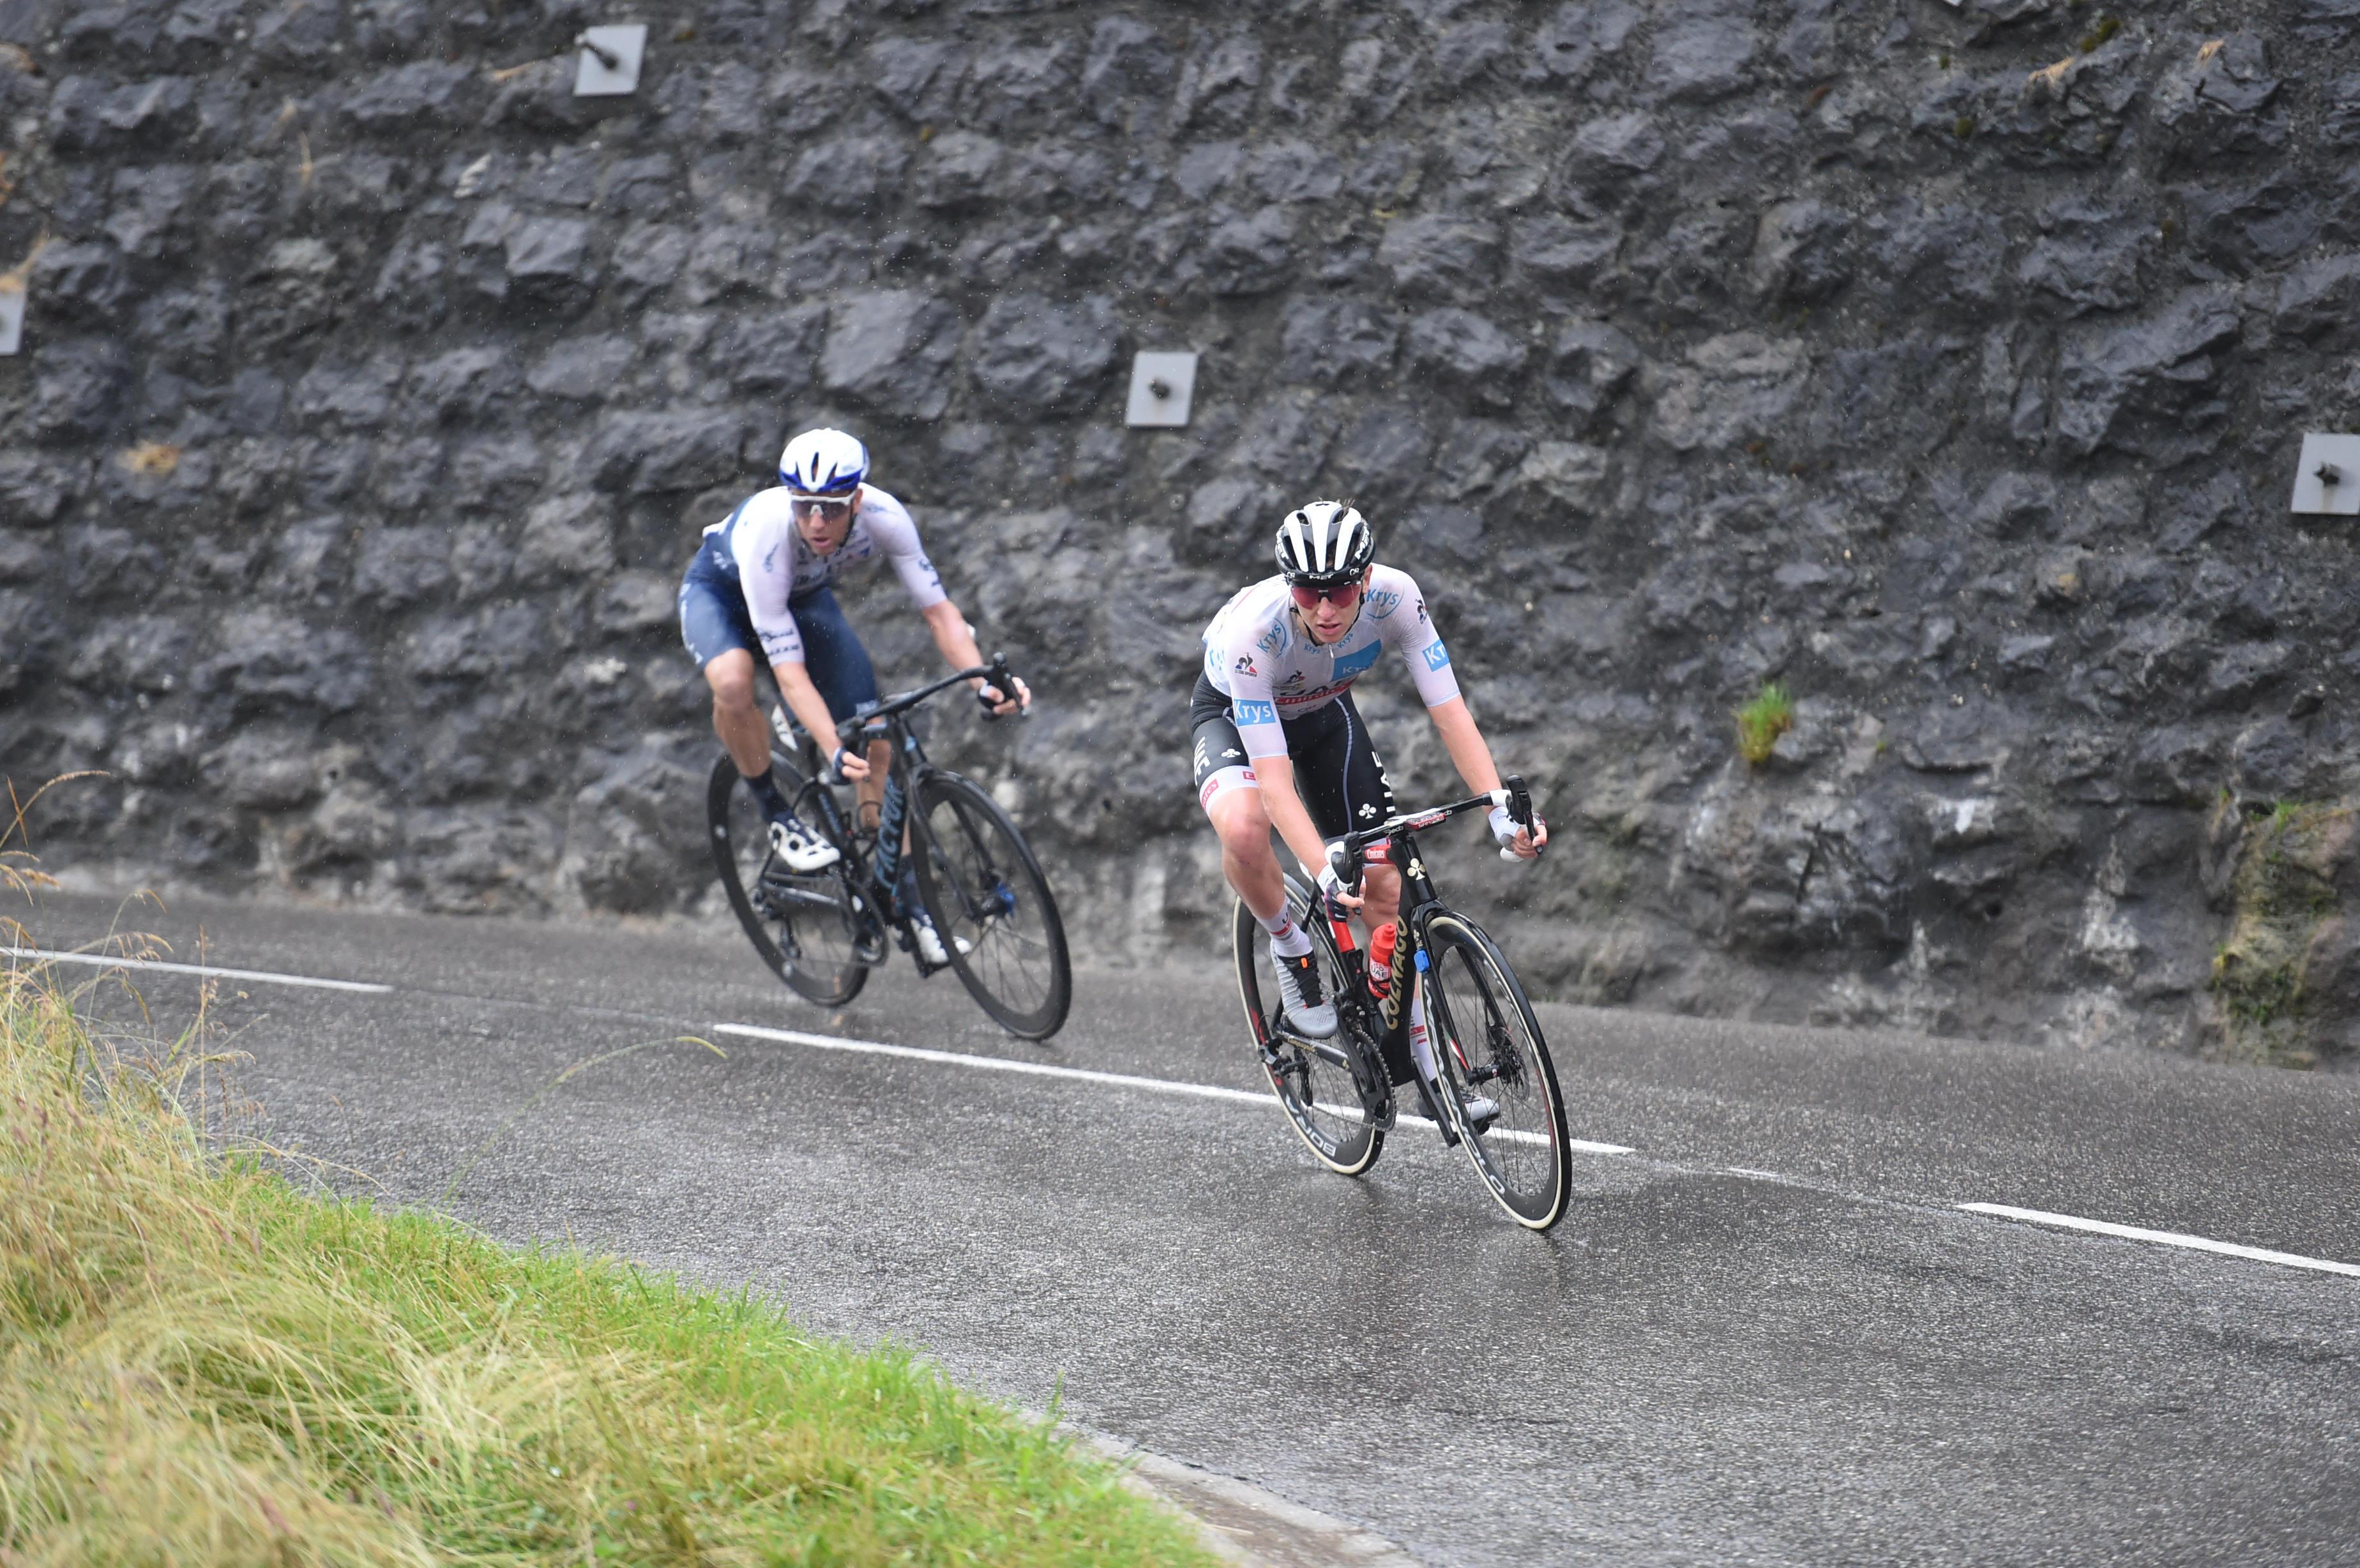 Pogačar deklasiral tekmece na prvi gorski etapi, jutri bo kolesaril v rumenem